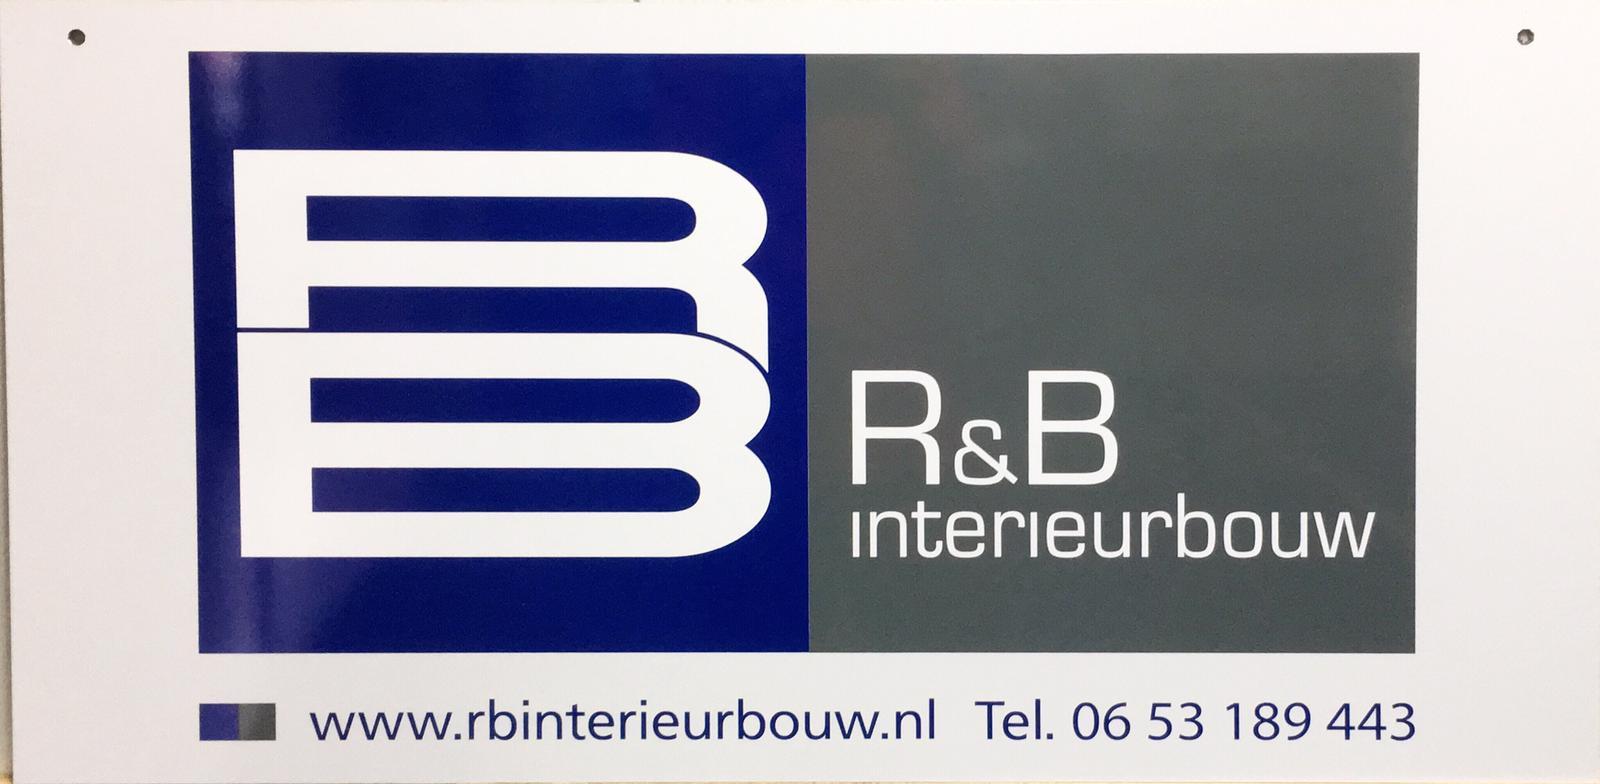 R&B Interieurbouw